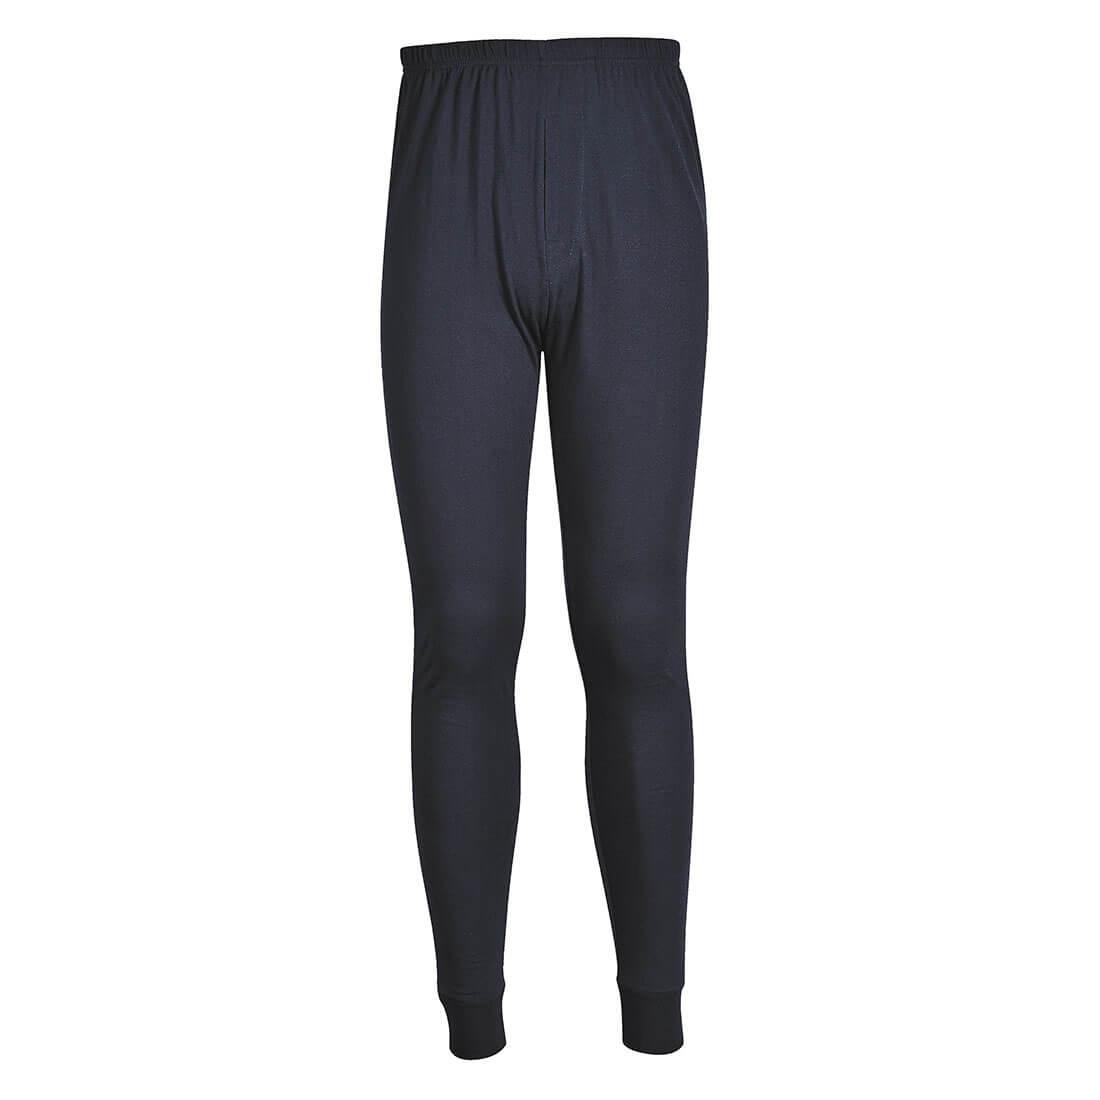 Pantaloni Ignifugi si Antistatici - Imbracaminte de protectie